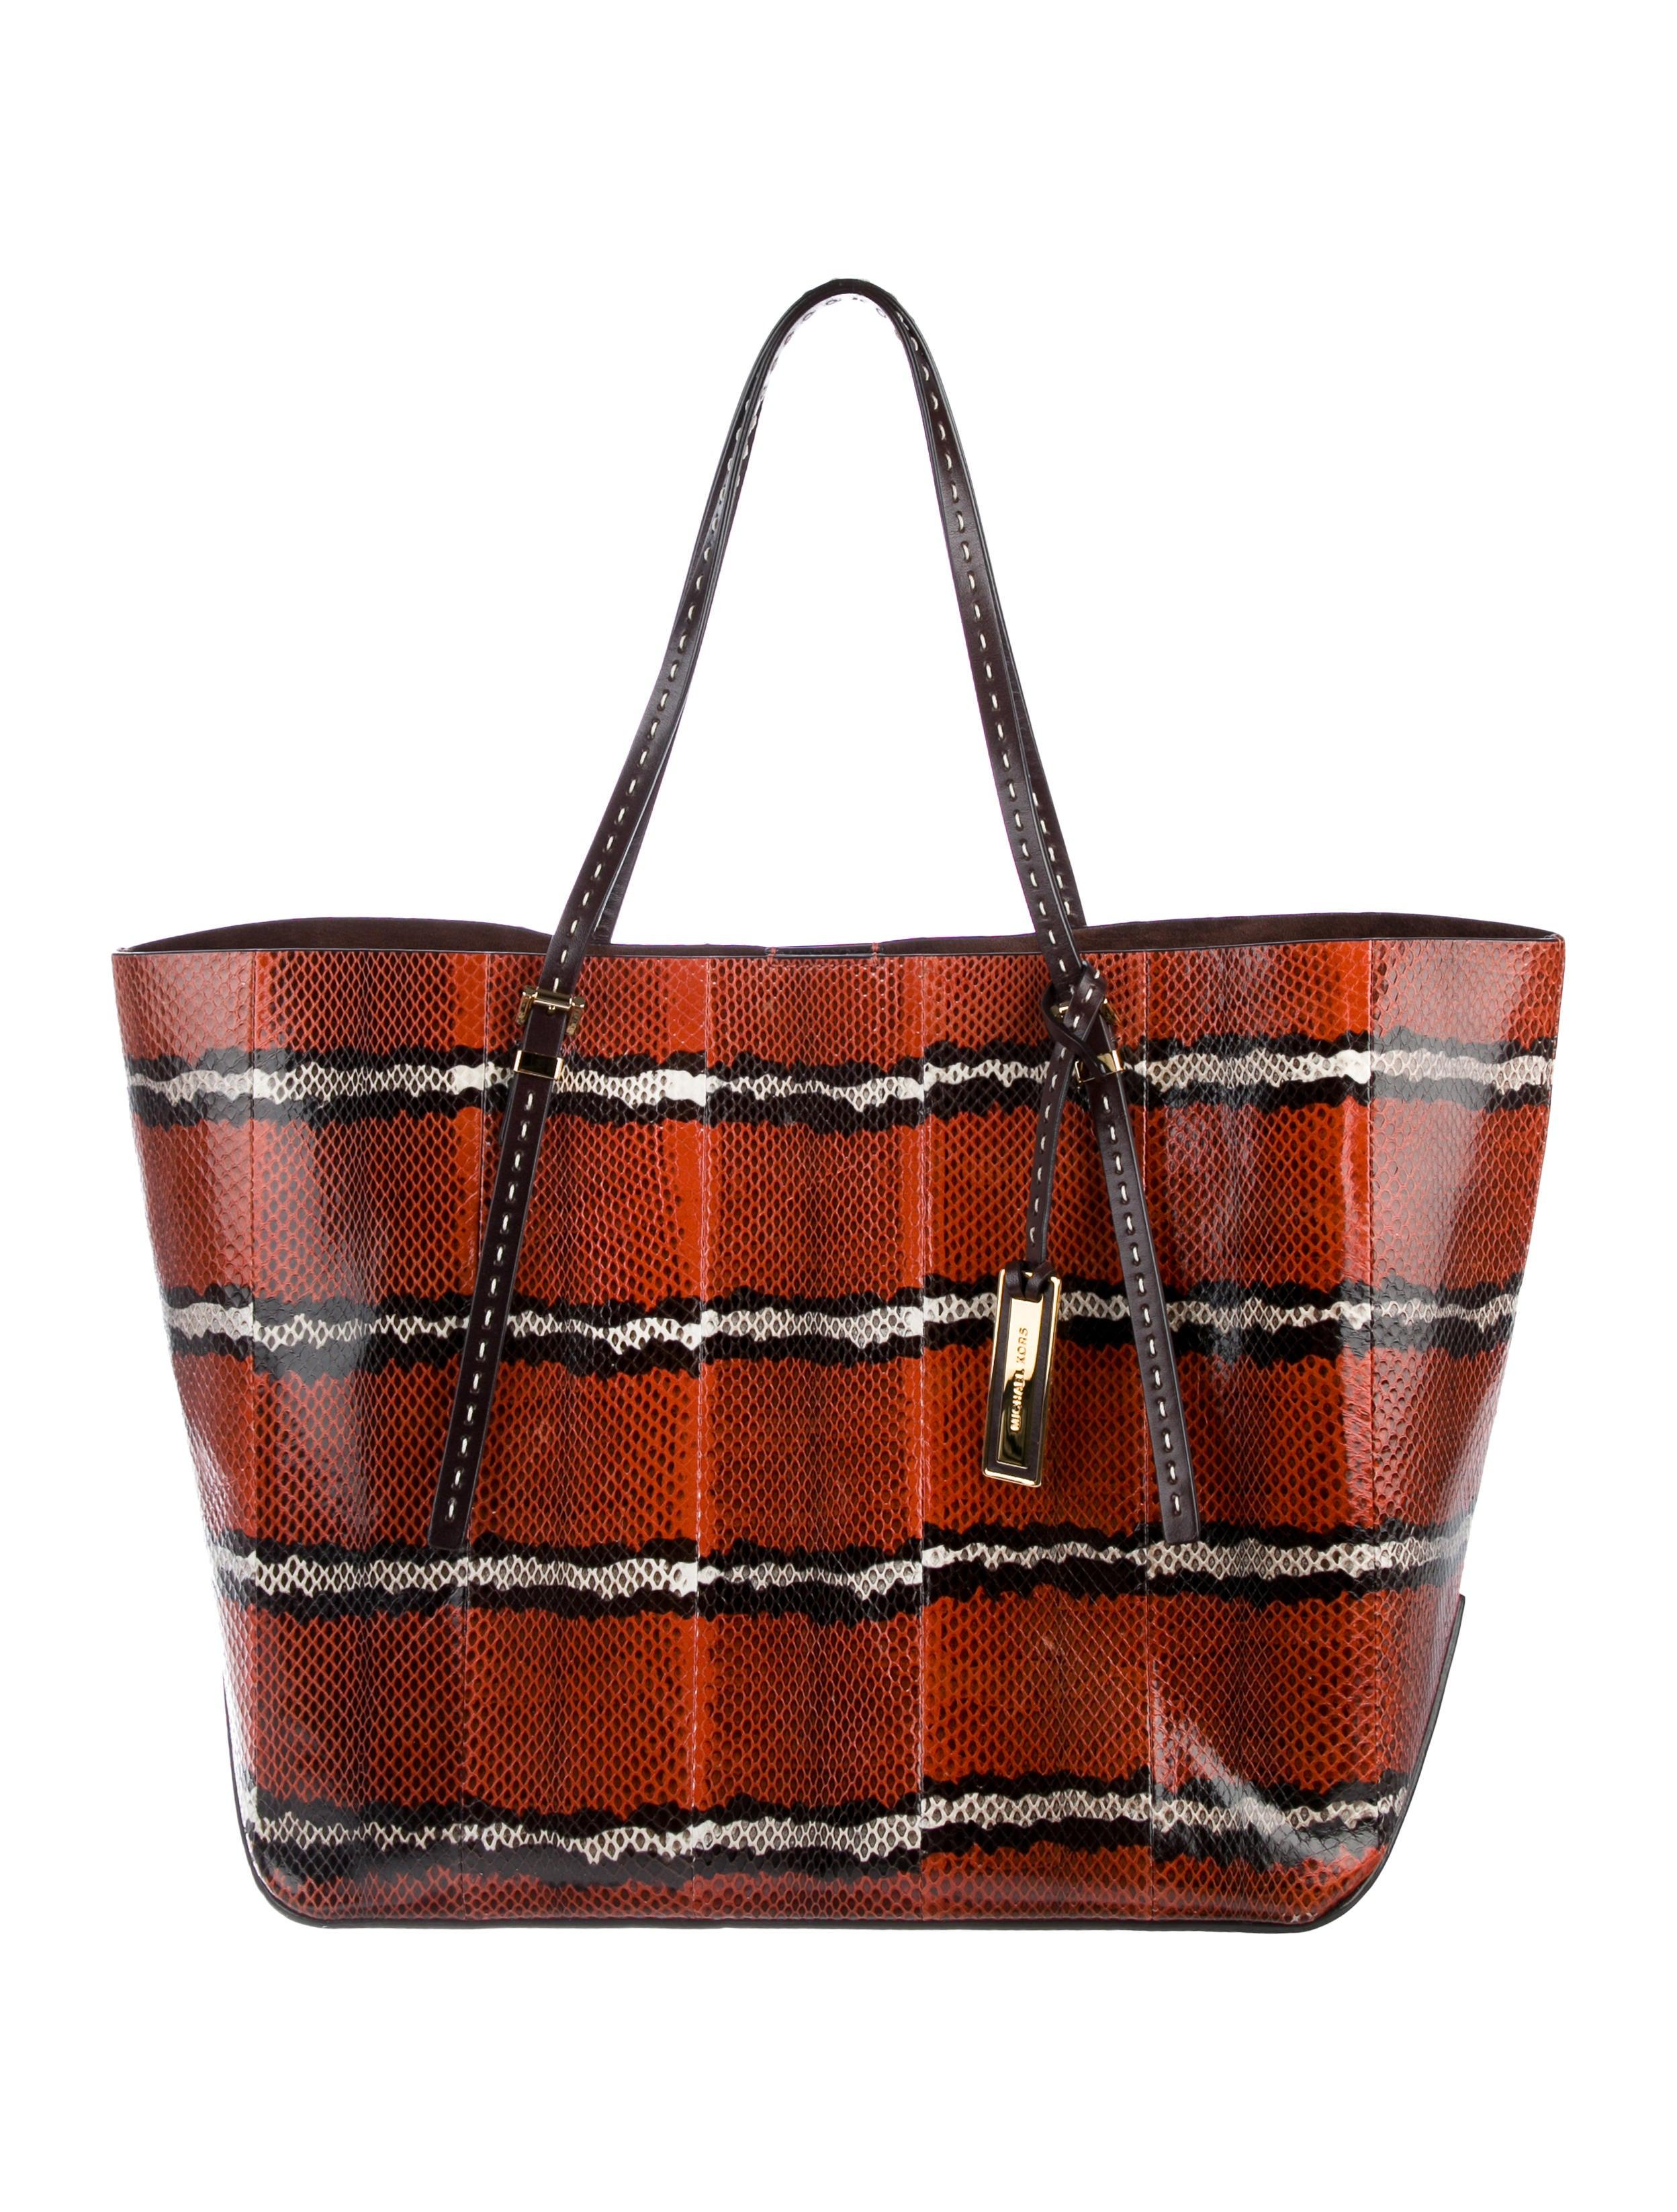 eda9aef429da61 Michael Kors Jaryn Python Tote - Handbags - MIC70367 | The RealReal